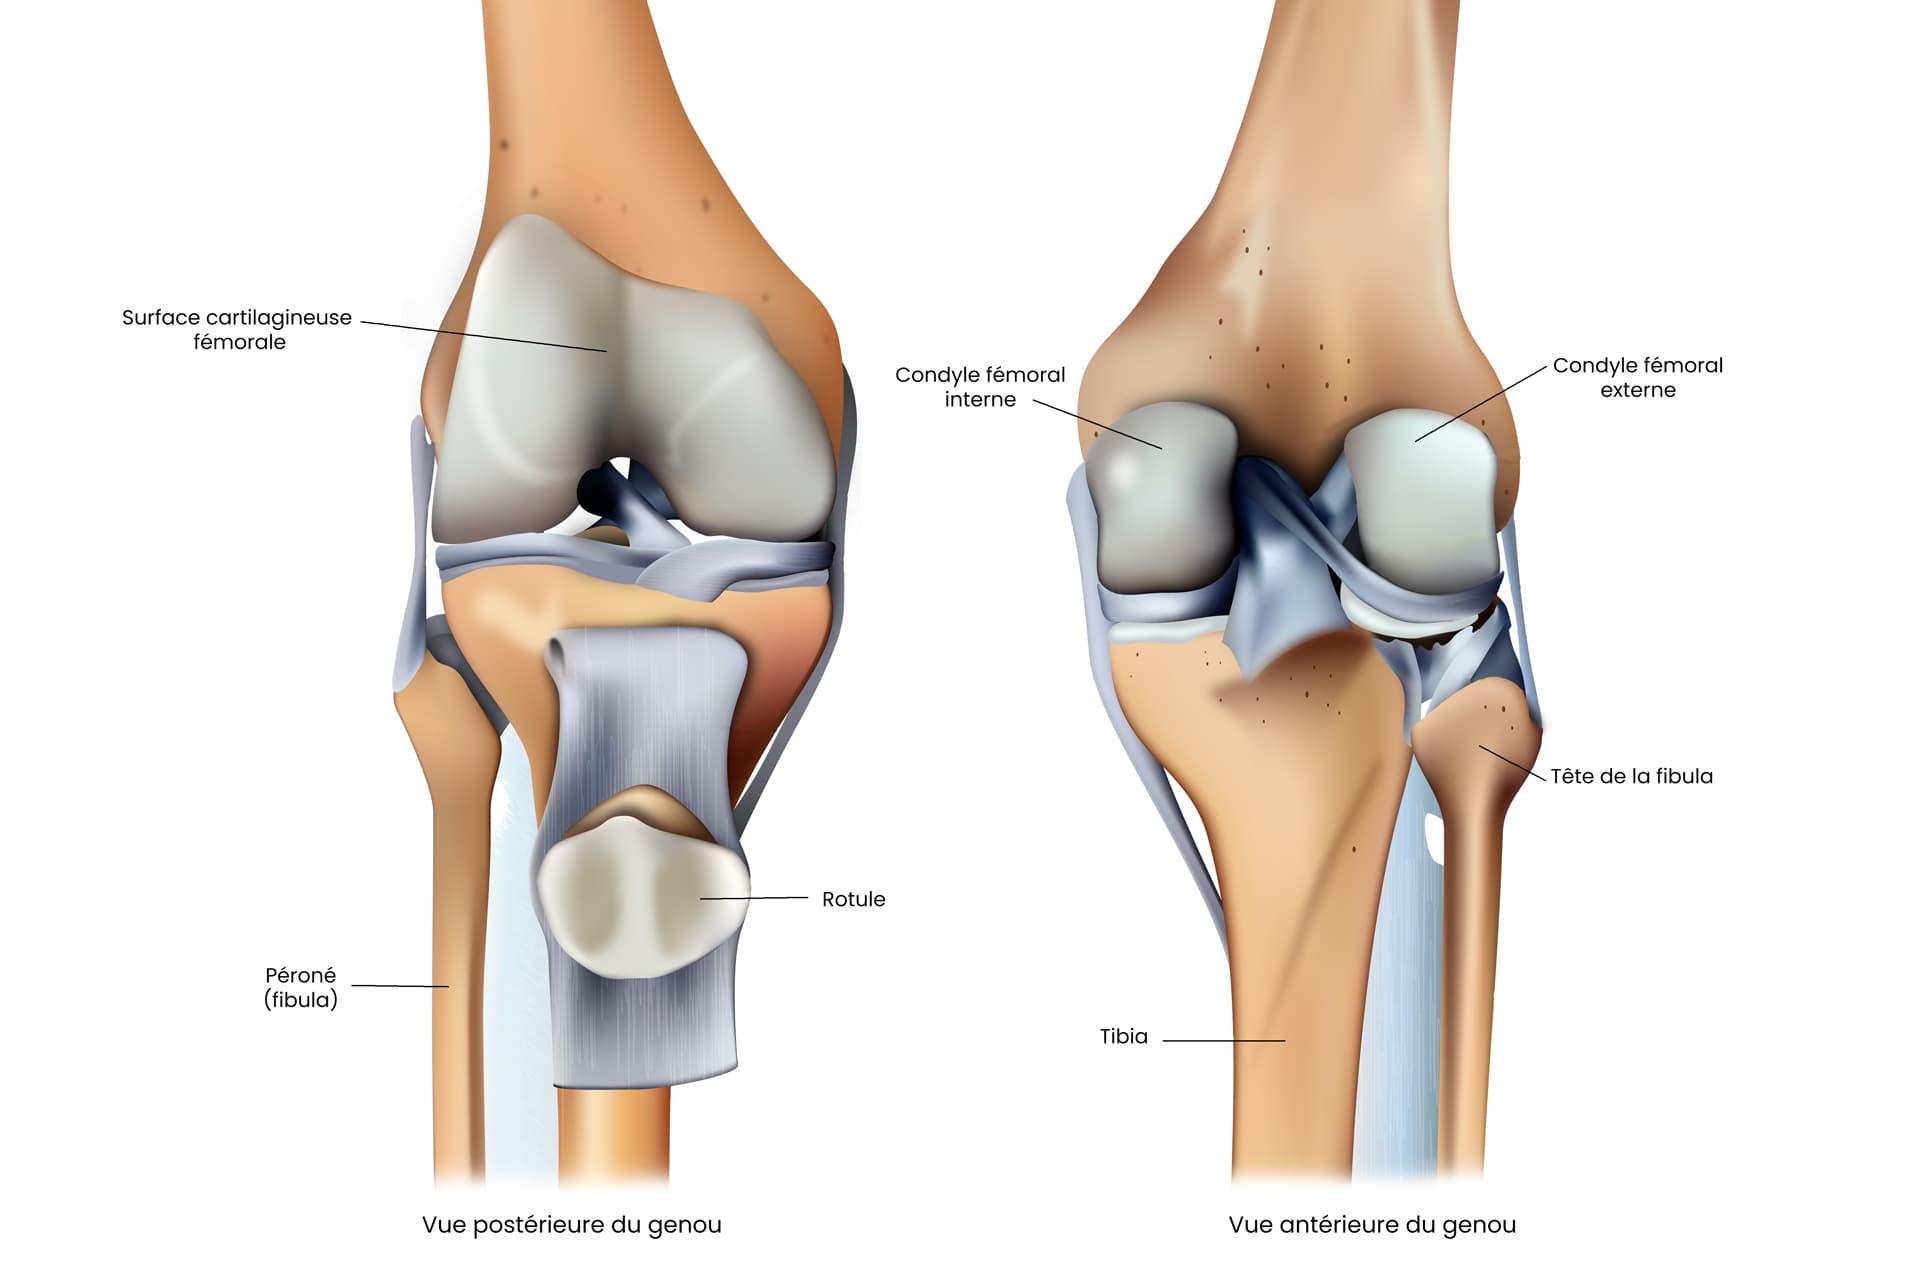 Schema anatomique du cartilage du genou